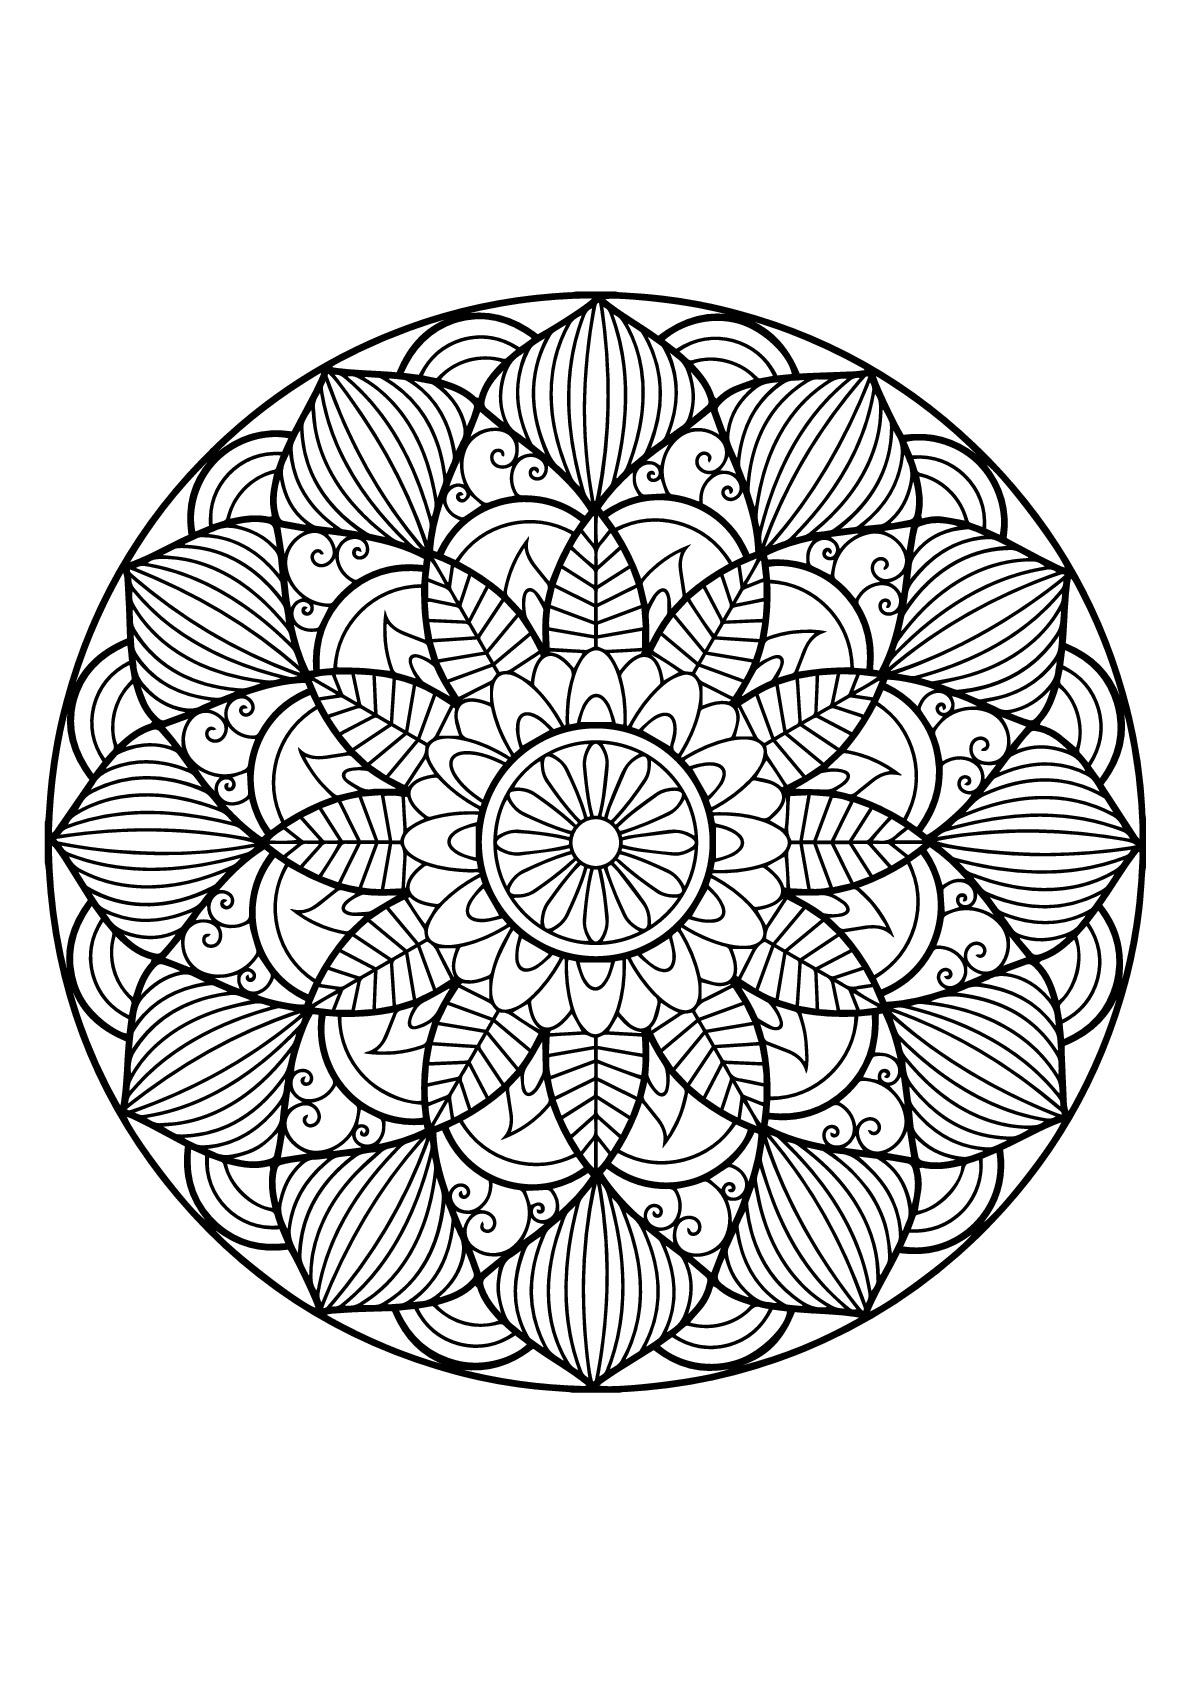 Mandala Livre Gratuit 30 - Mandalas - Coloriages dedans Coloriage Herisson A Imprimer Gratuit